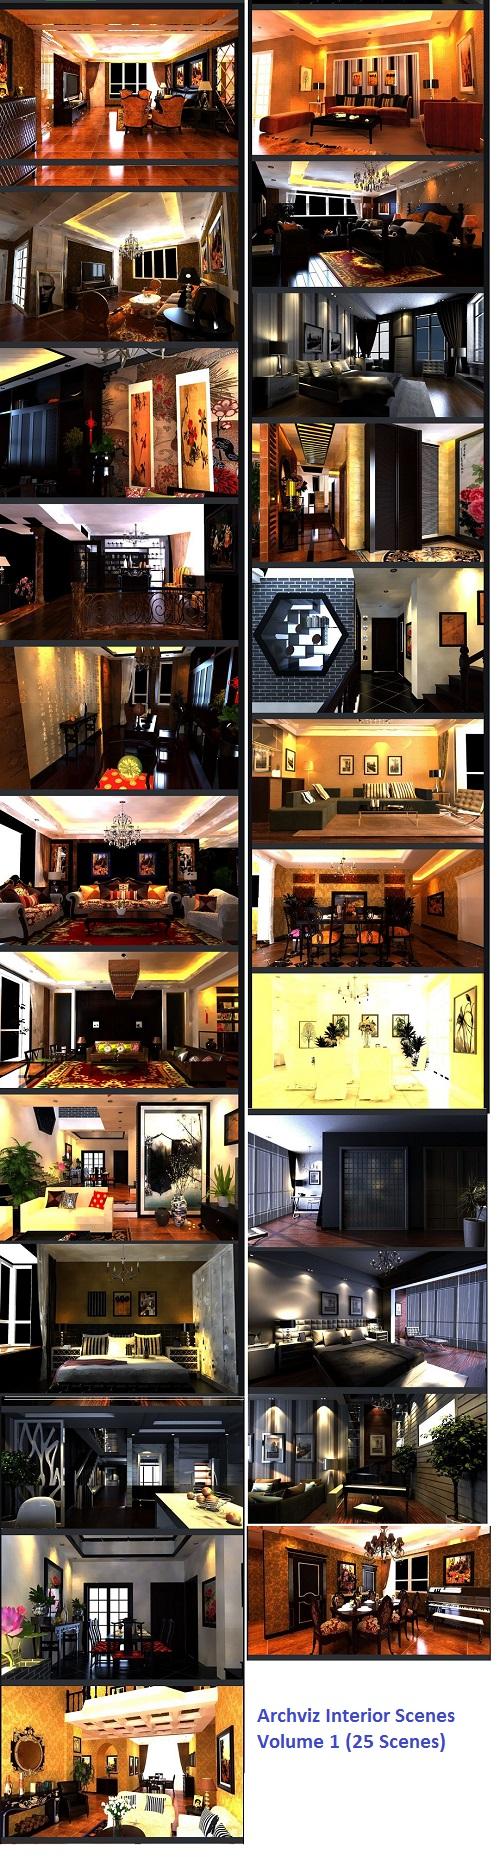 Archviz Interior Scenes Volume 1 (25 Scenes)